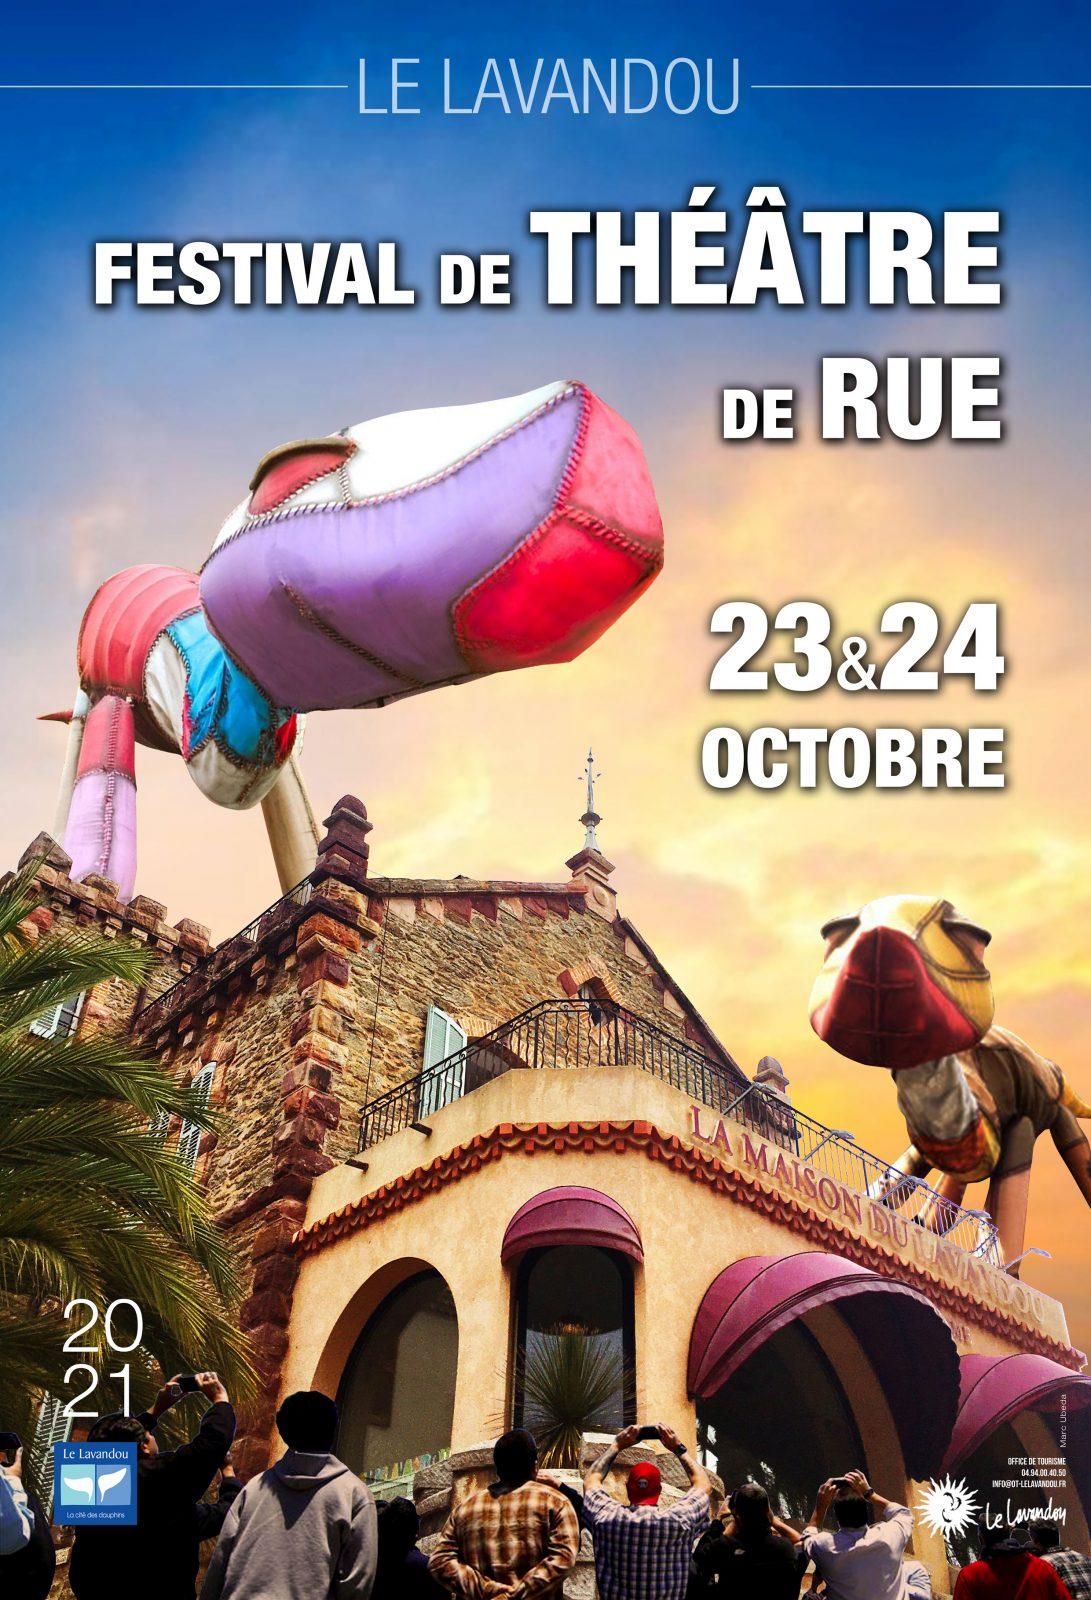 Théâtre de rue Lavandou